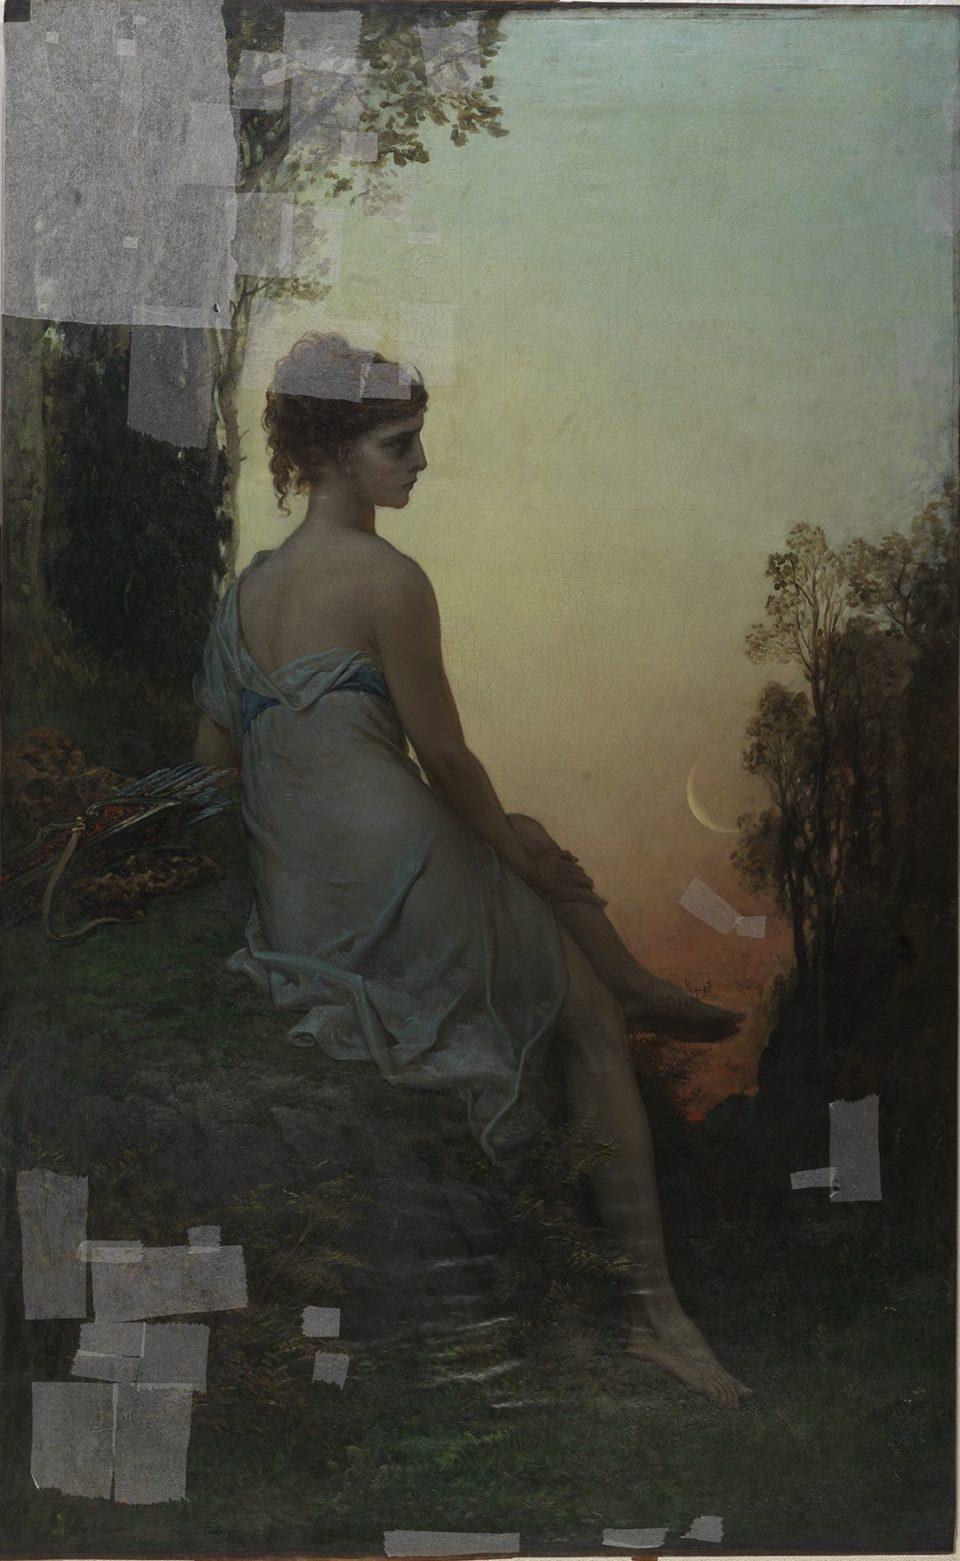 Gustave Doré, Diane chasseresse